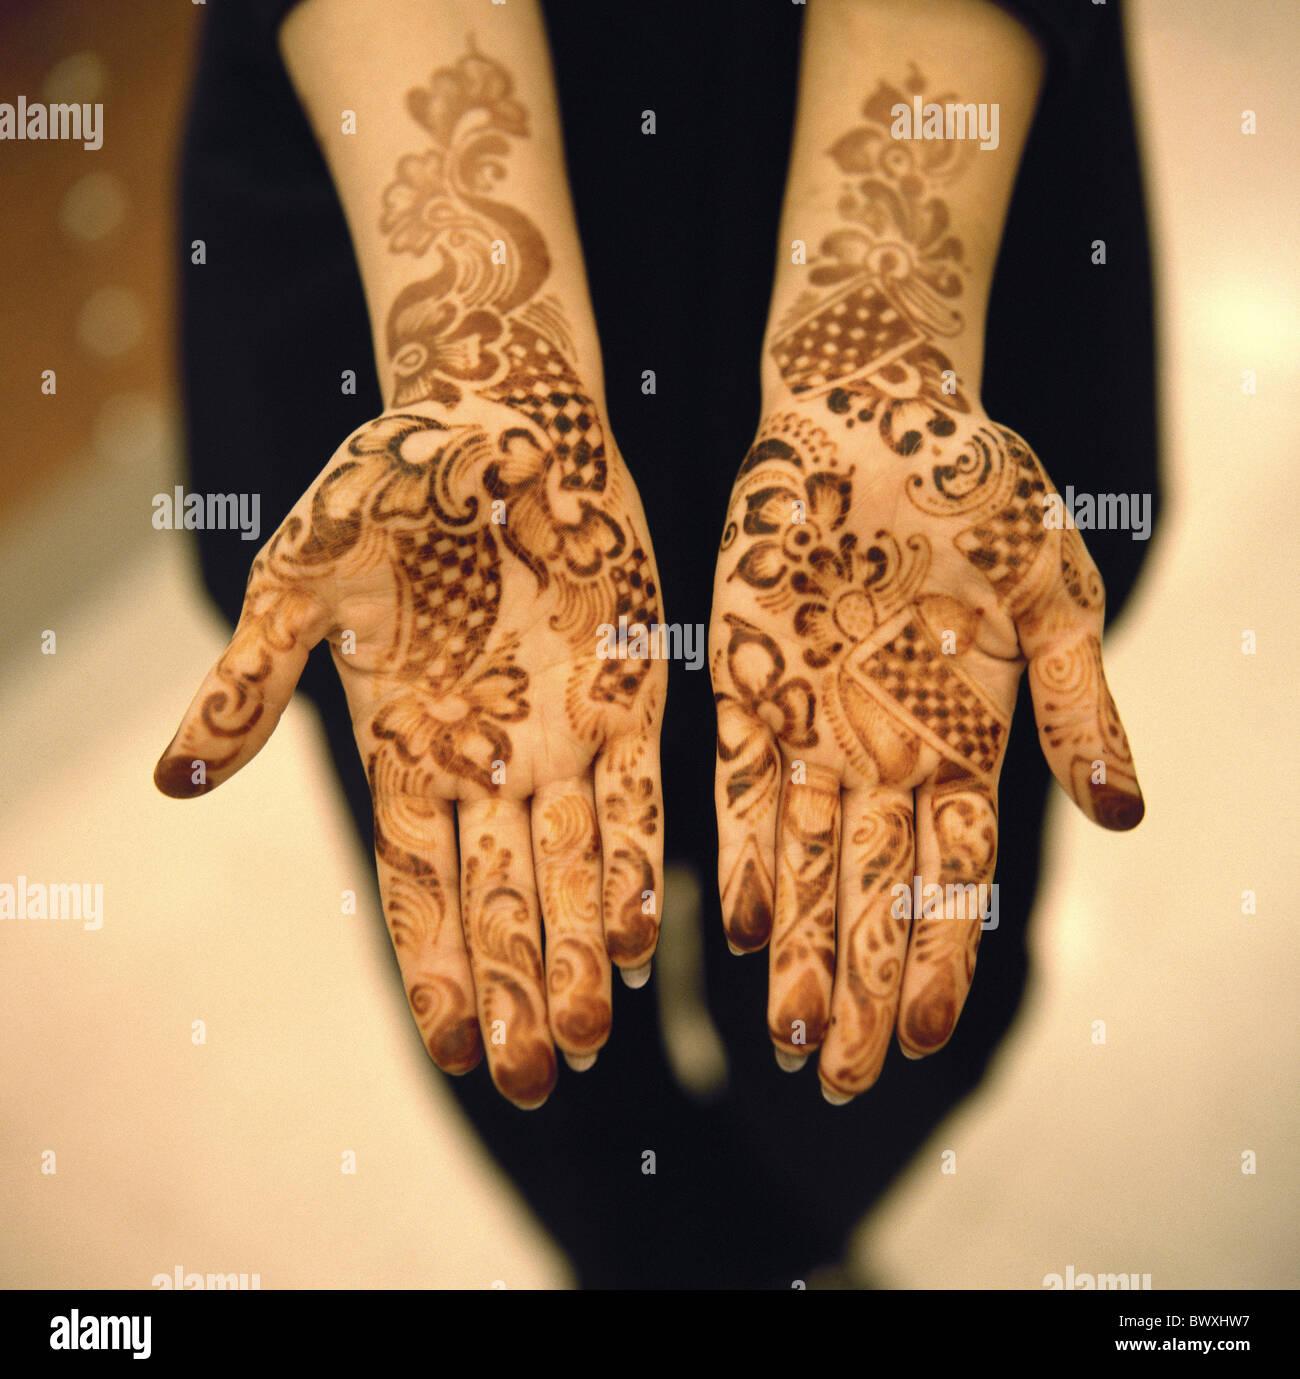 Bahrein 10331604 mujer manos pintadas con henna muestra el patrón de vida de cerca los ornamentos tatuaje Imagen De Stock